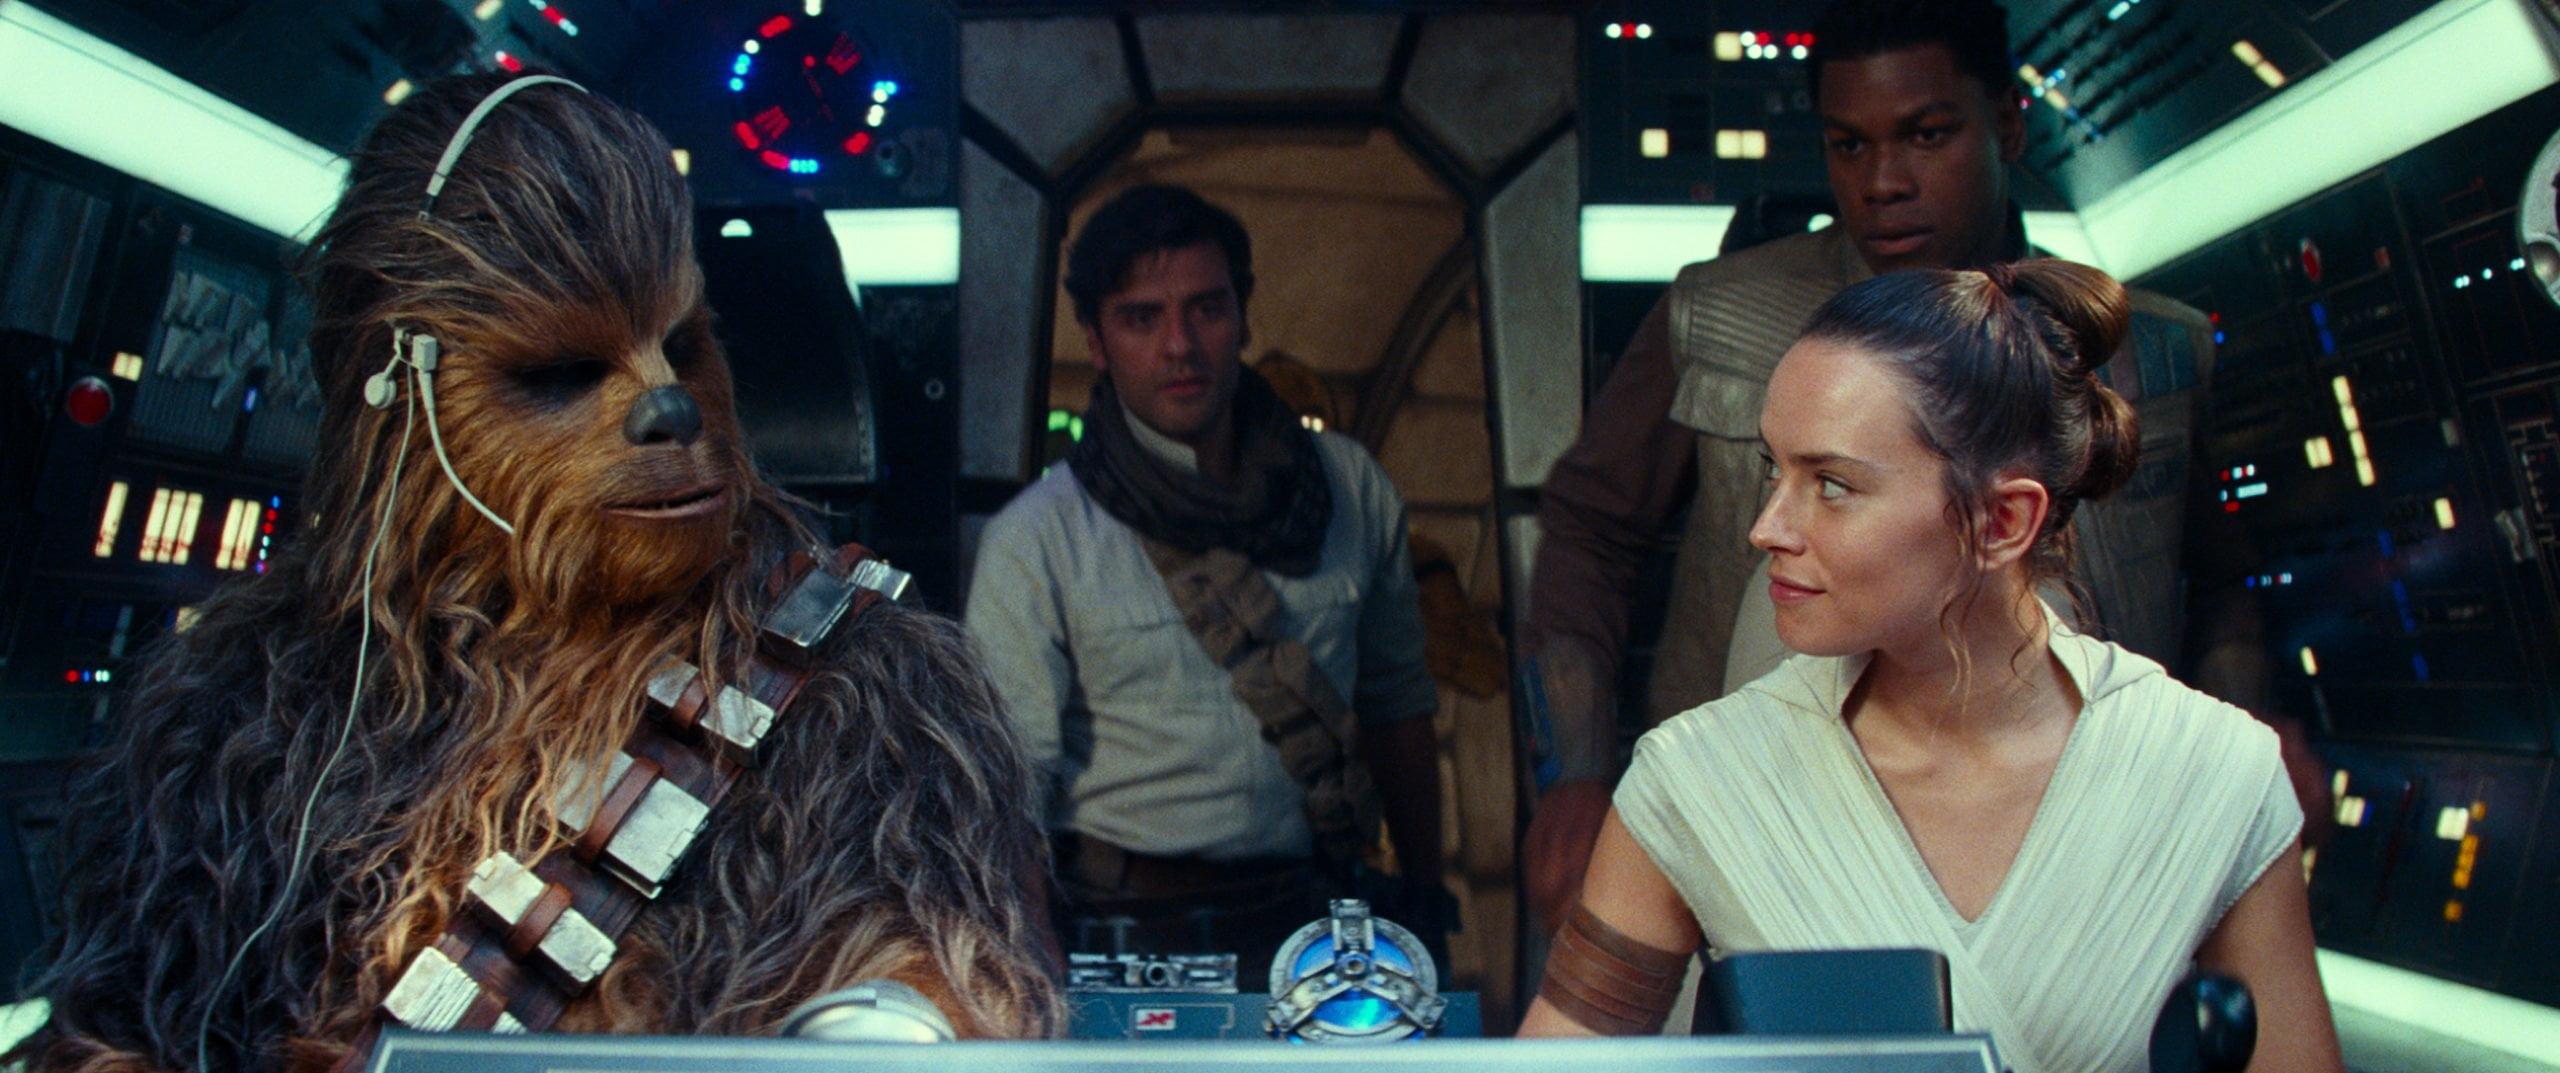 """""""Star Wars, Episodio IX: El ascenso de Skywalker"""": El final de una saga fuerte en sentimientos y acción"""